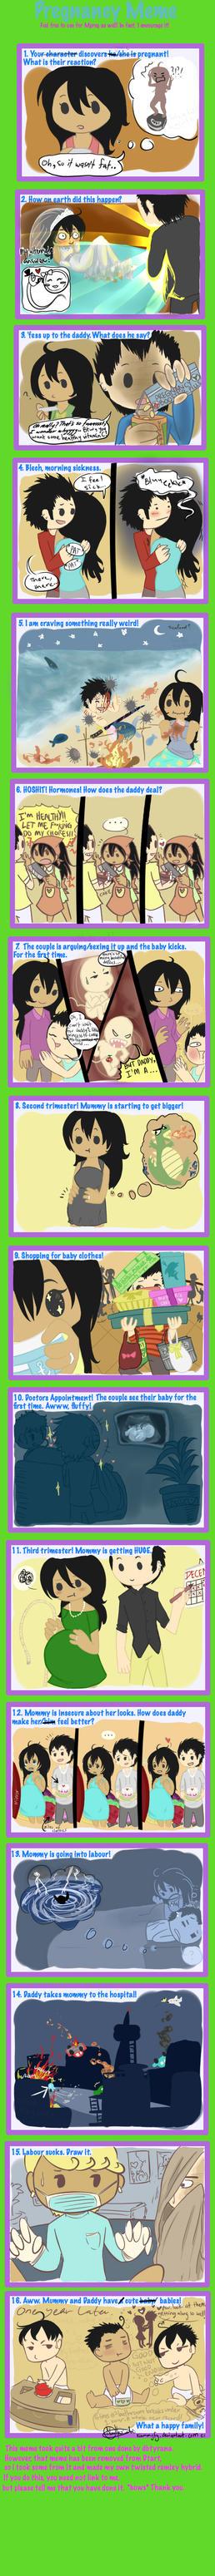 Pregnancy MEME XD by Kiammyfy